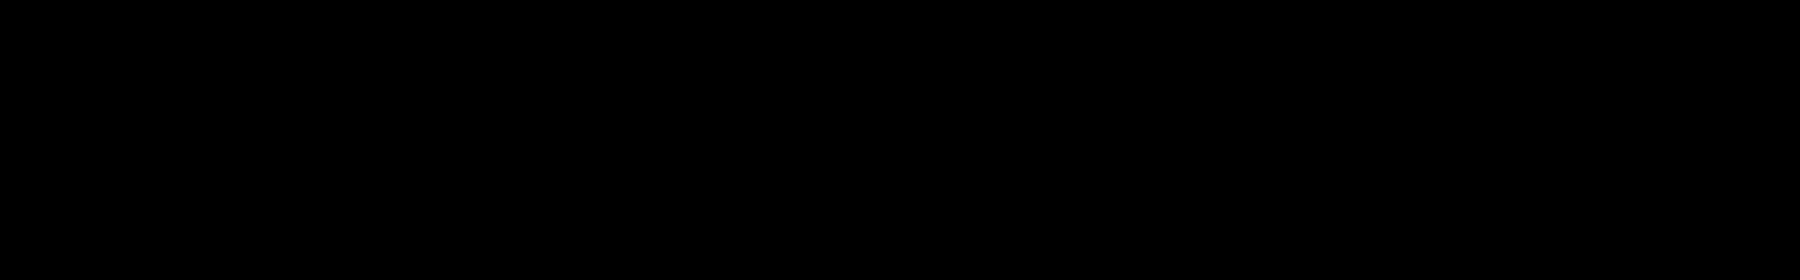 REWIND audio waveform